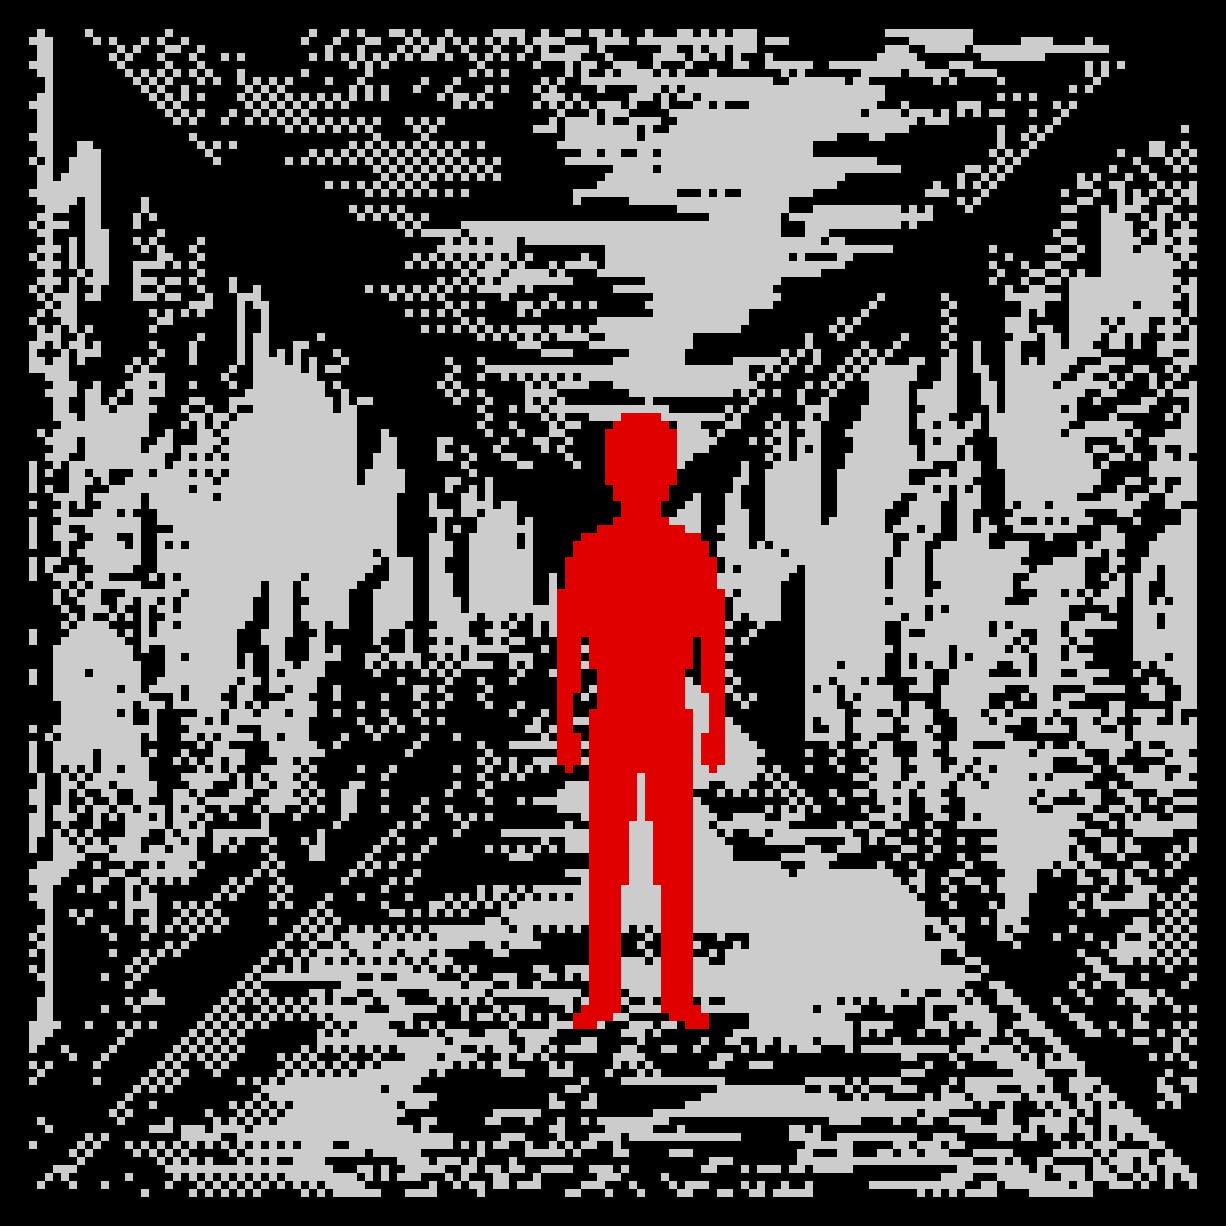 「戦争の夢」収録アルバム『Ghostific Literacies』/ghostleg